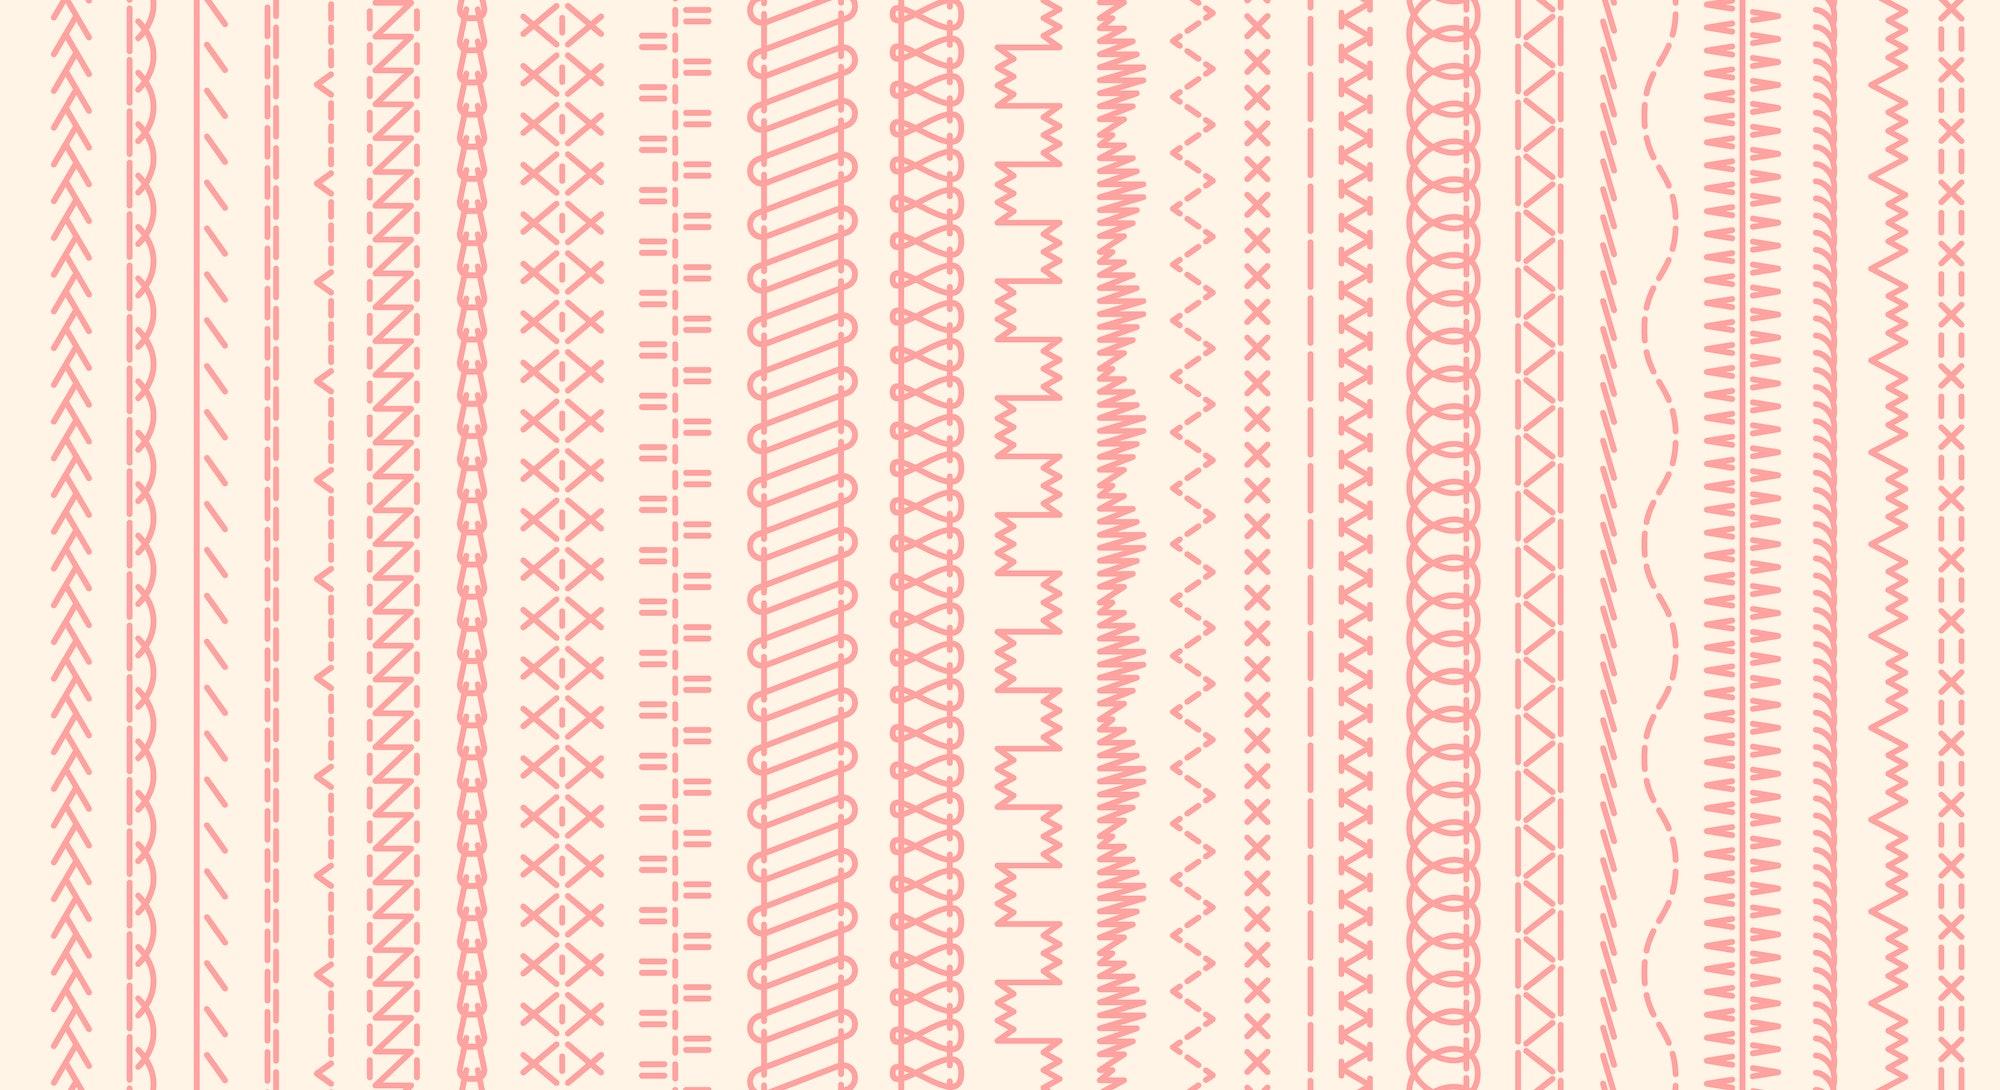 Sewing machine stitches. Stitching seams, stitched sew seamless pattern brush and embroidery sews stitch vector illustration set